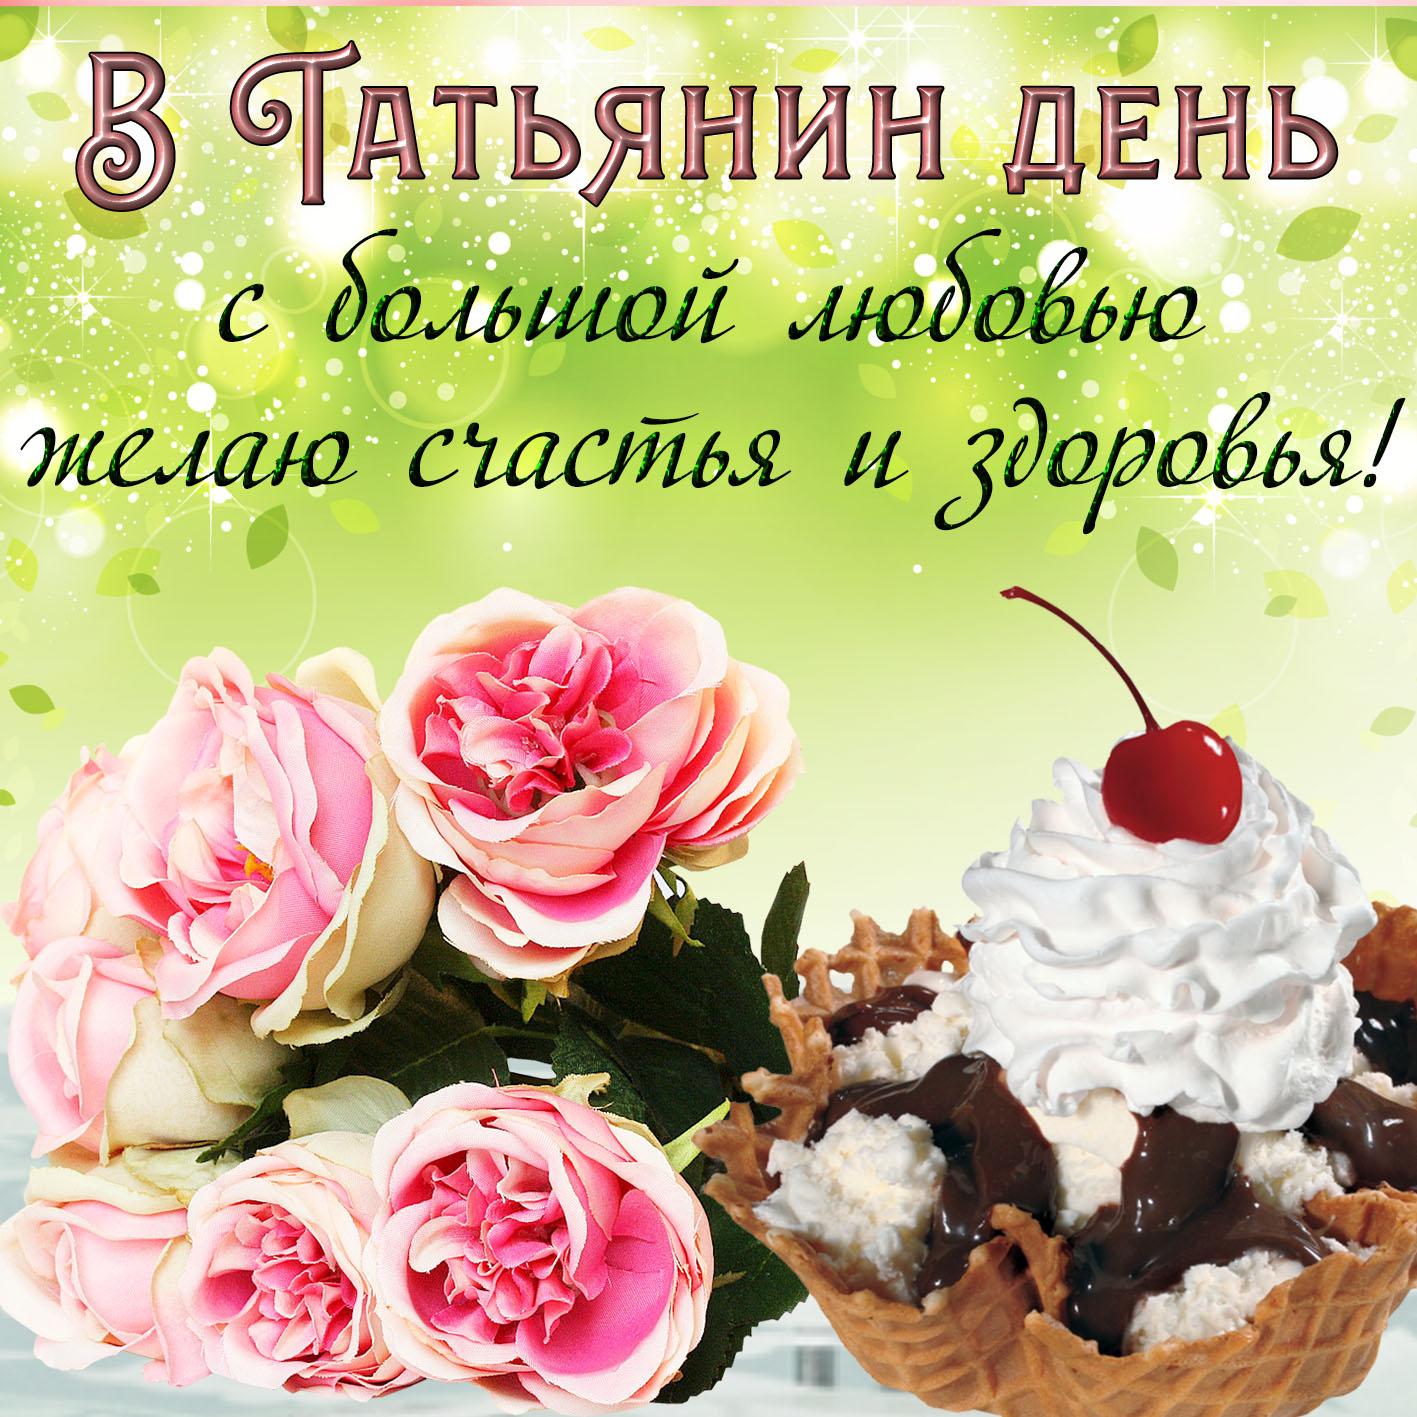 Открытка - пожелание счастья и здоровья в Татьянин день